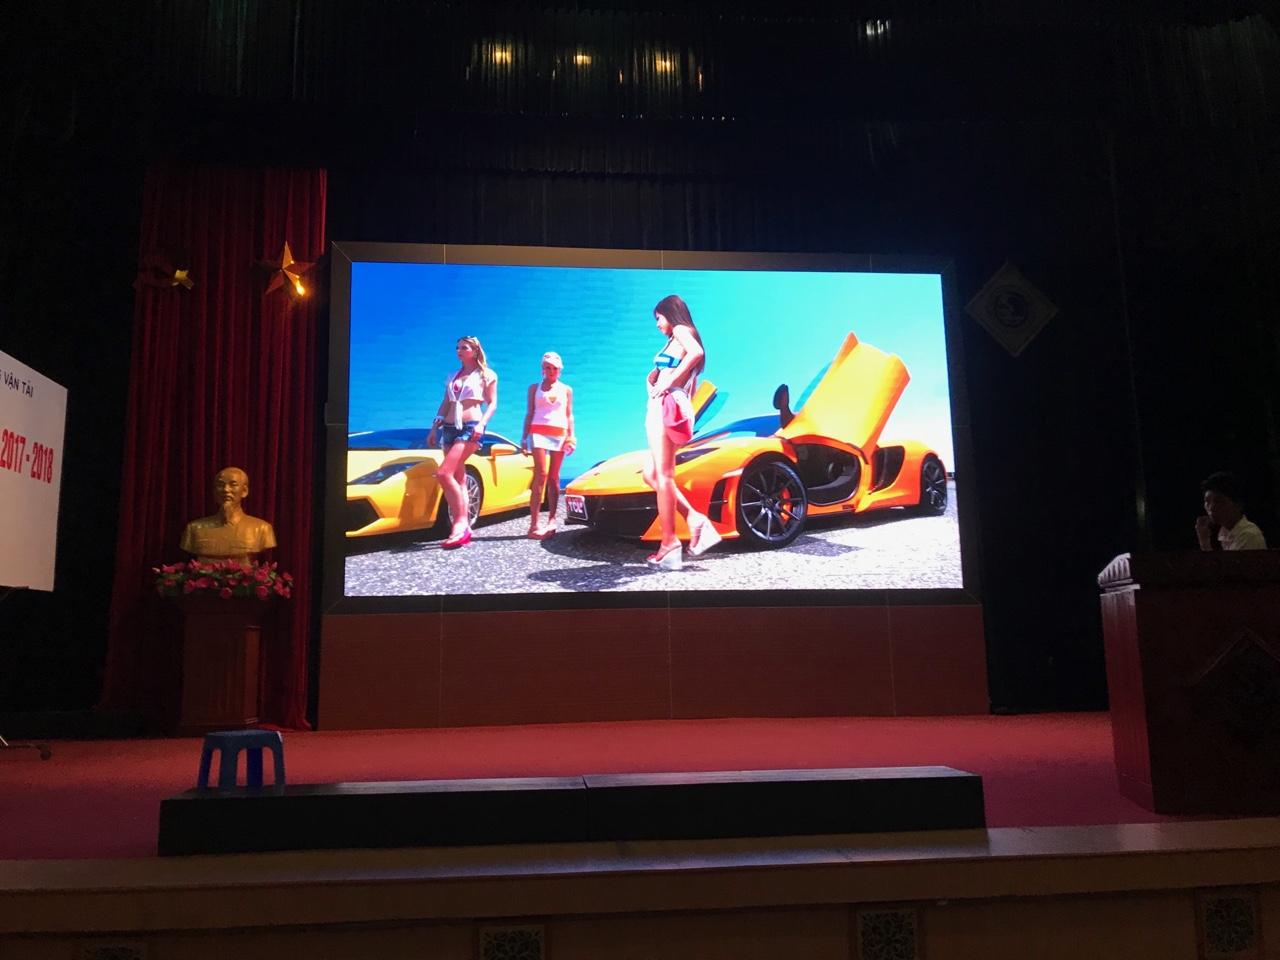 màn hình led tại trường đại học (4)